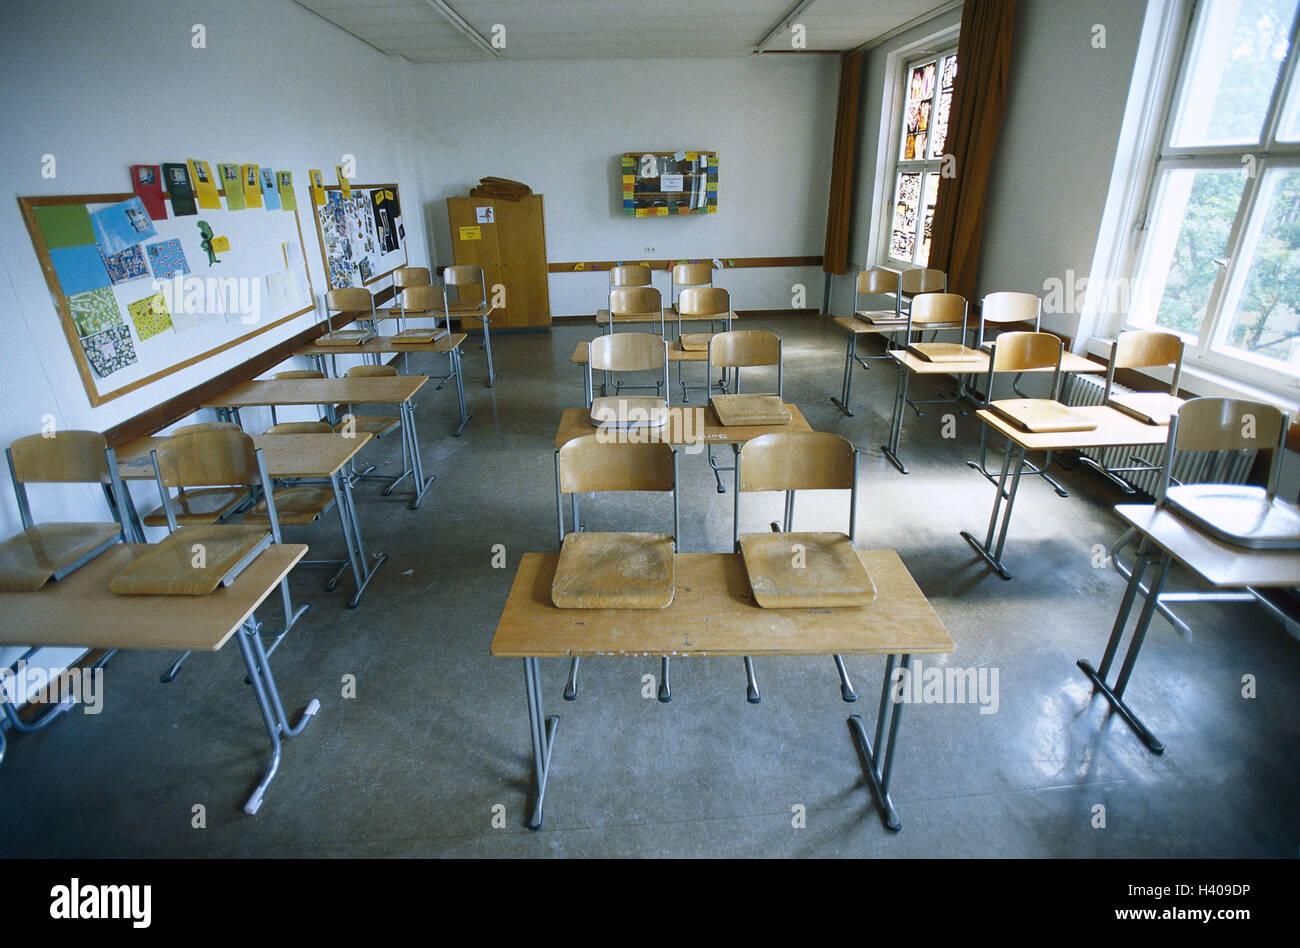 Klassenzimmer, Schule, Unterricht, Schule Ende, leer, verlassen ...